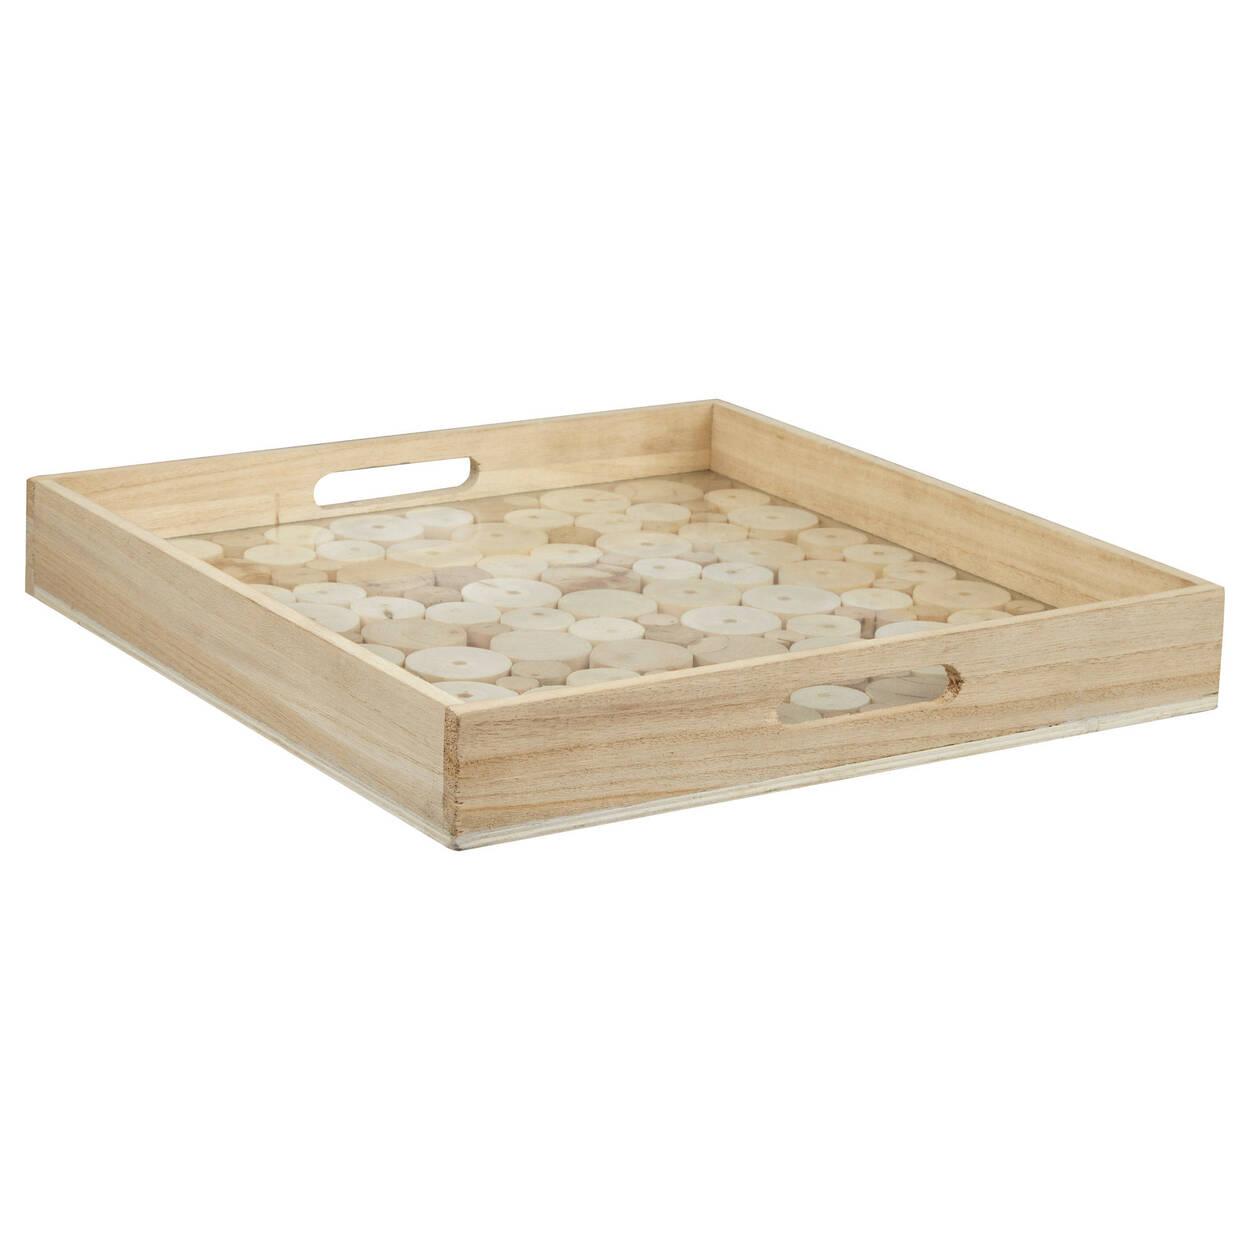 plateau de service en petites rondelles de bois. Black Bedroom Furniture Sets. Home Design Ideas